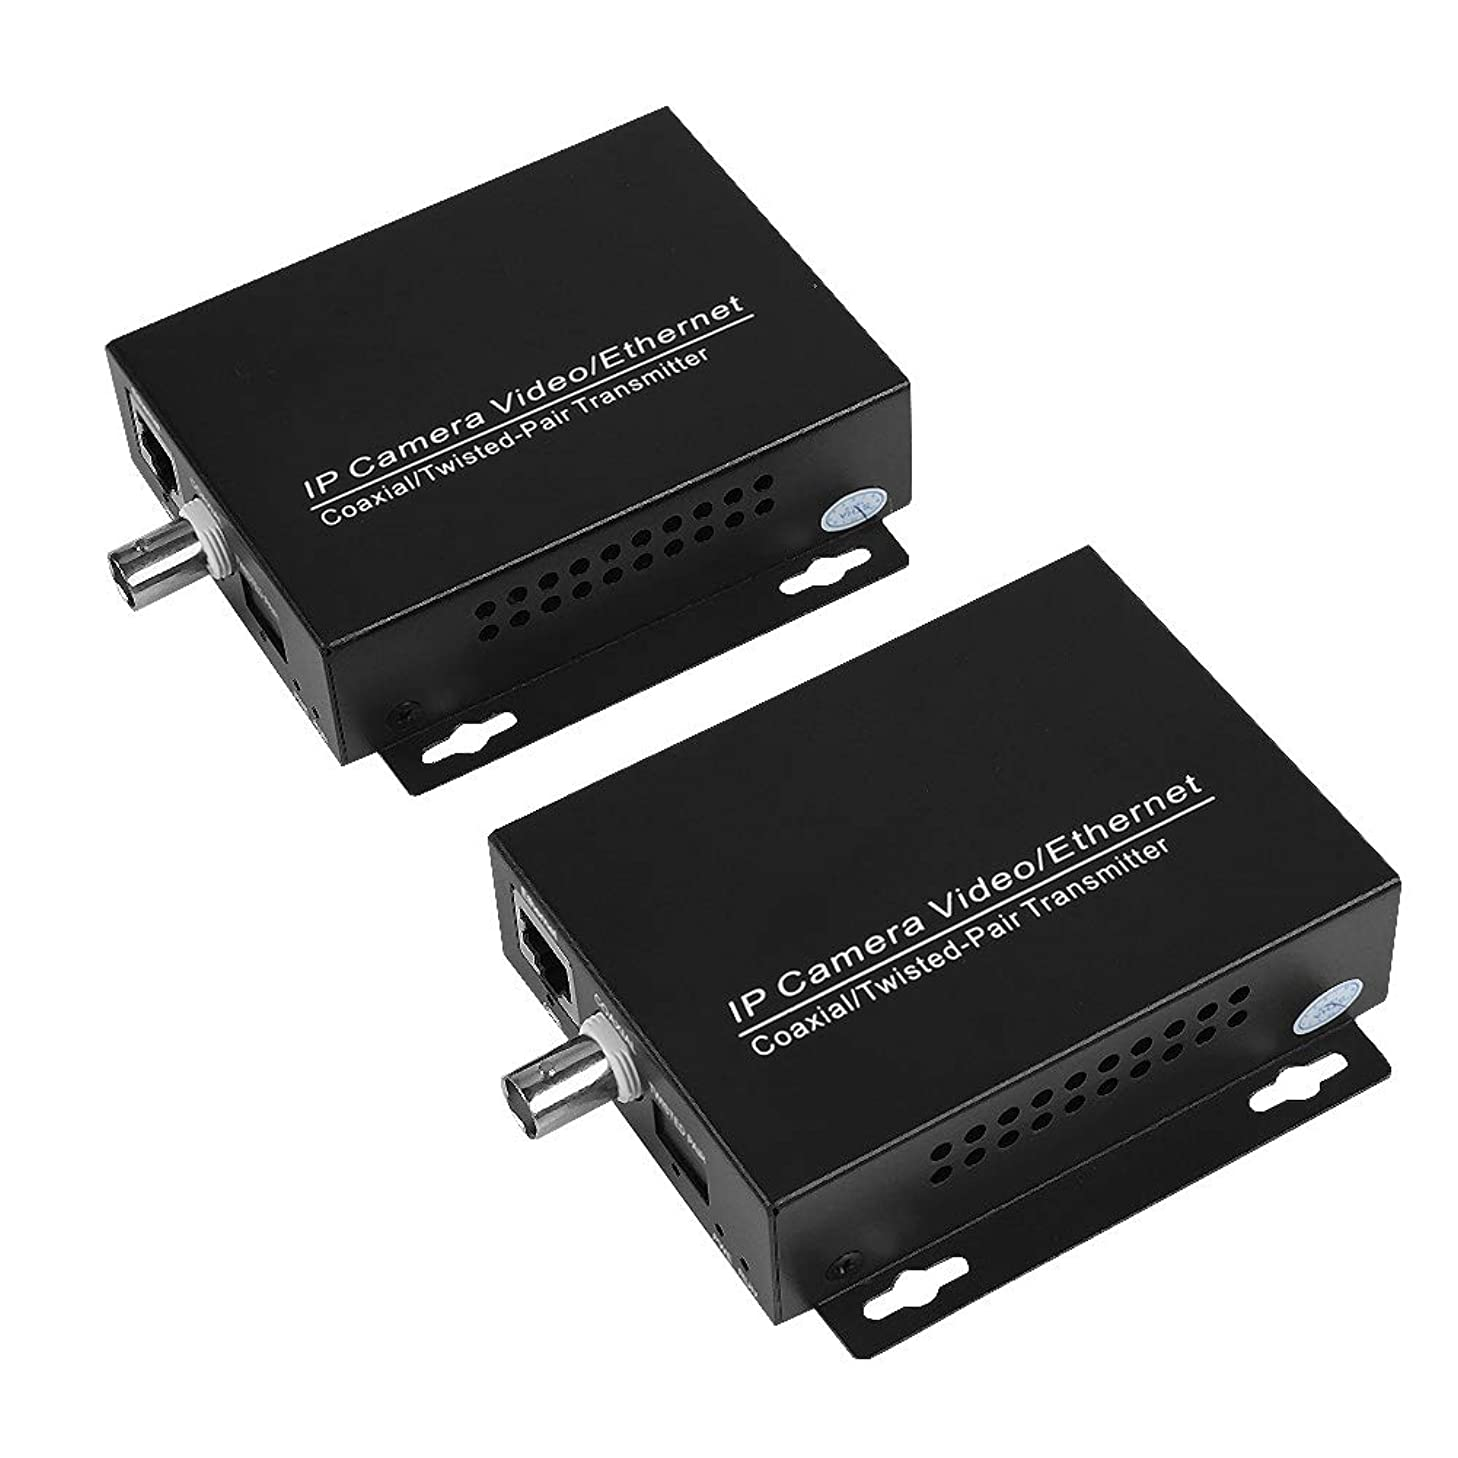 計画的信仰断言する無線LAN中継器 WiFi中継機 保証CCTVのカメラ 同軸キット EoCの同軸ケーブル 監視カメラ 同軸キット イーサネットIPの延長器(1組)